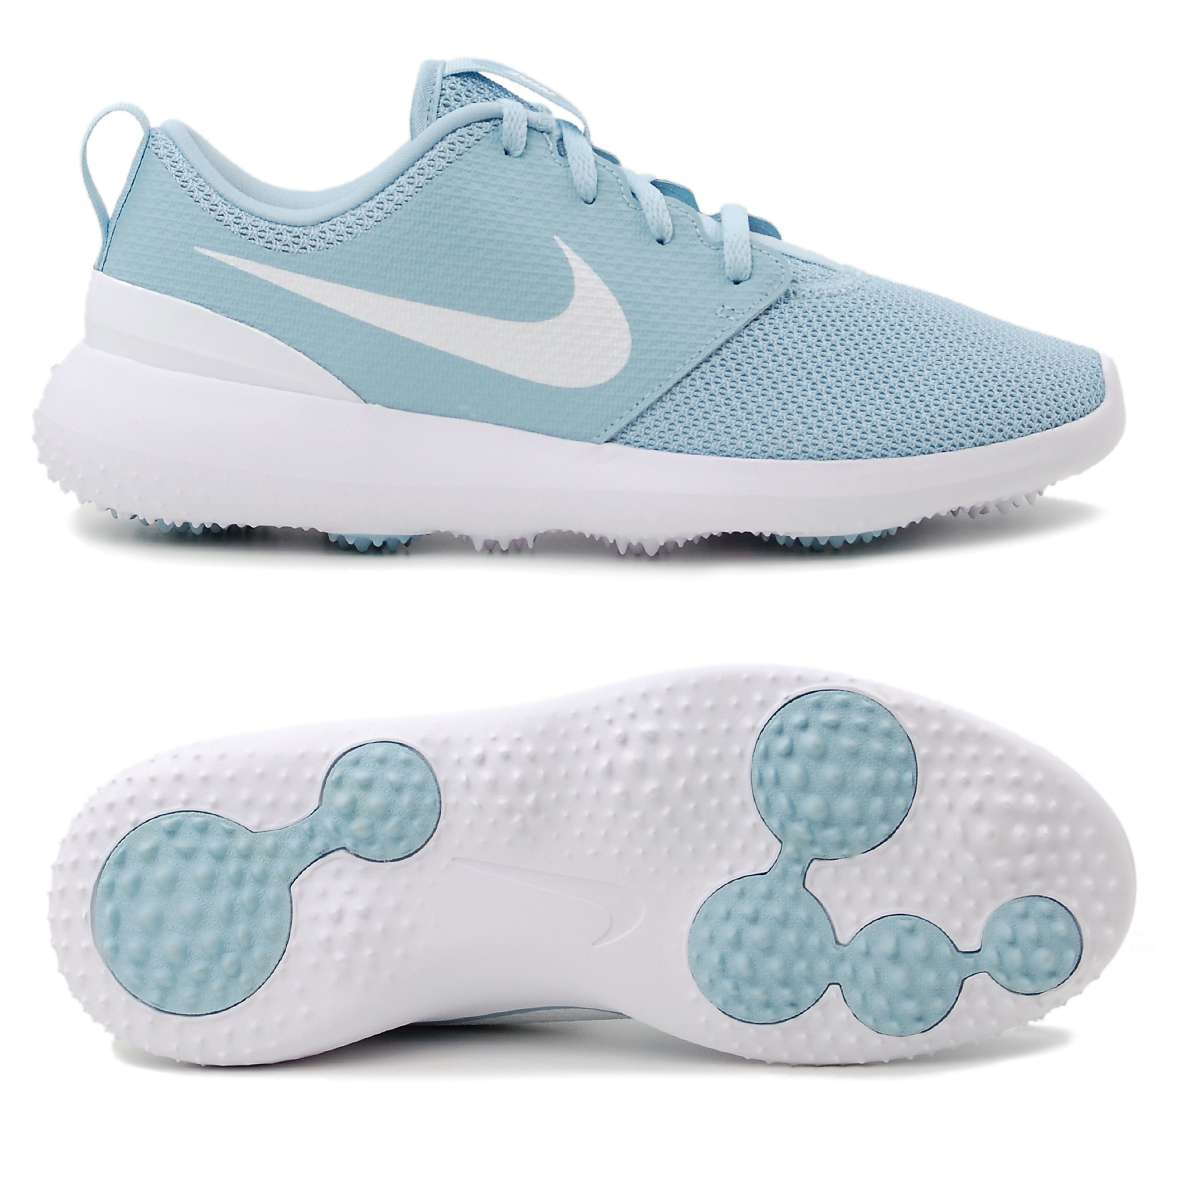 Nike Roshe G Damen Golfschuhe, Türkis / Weiß günstig kaufen